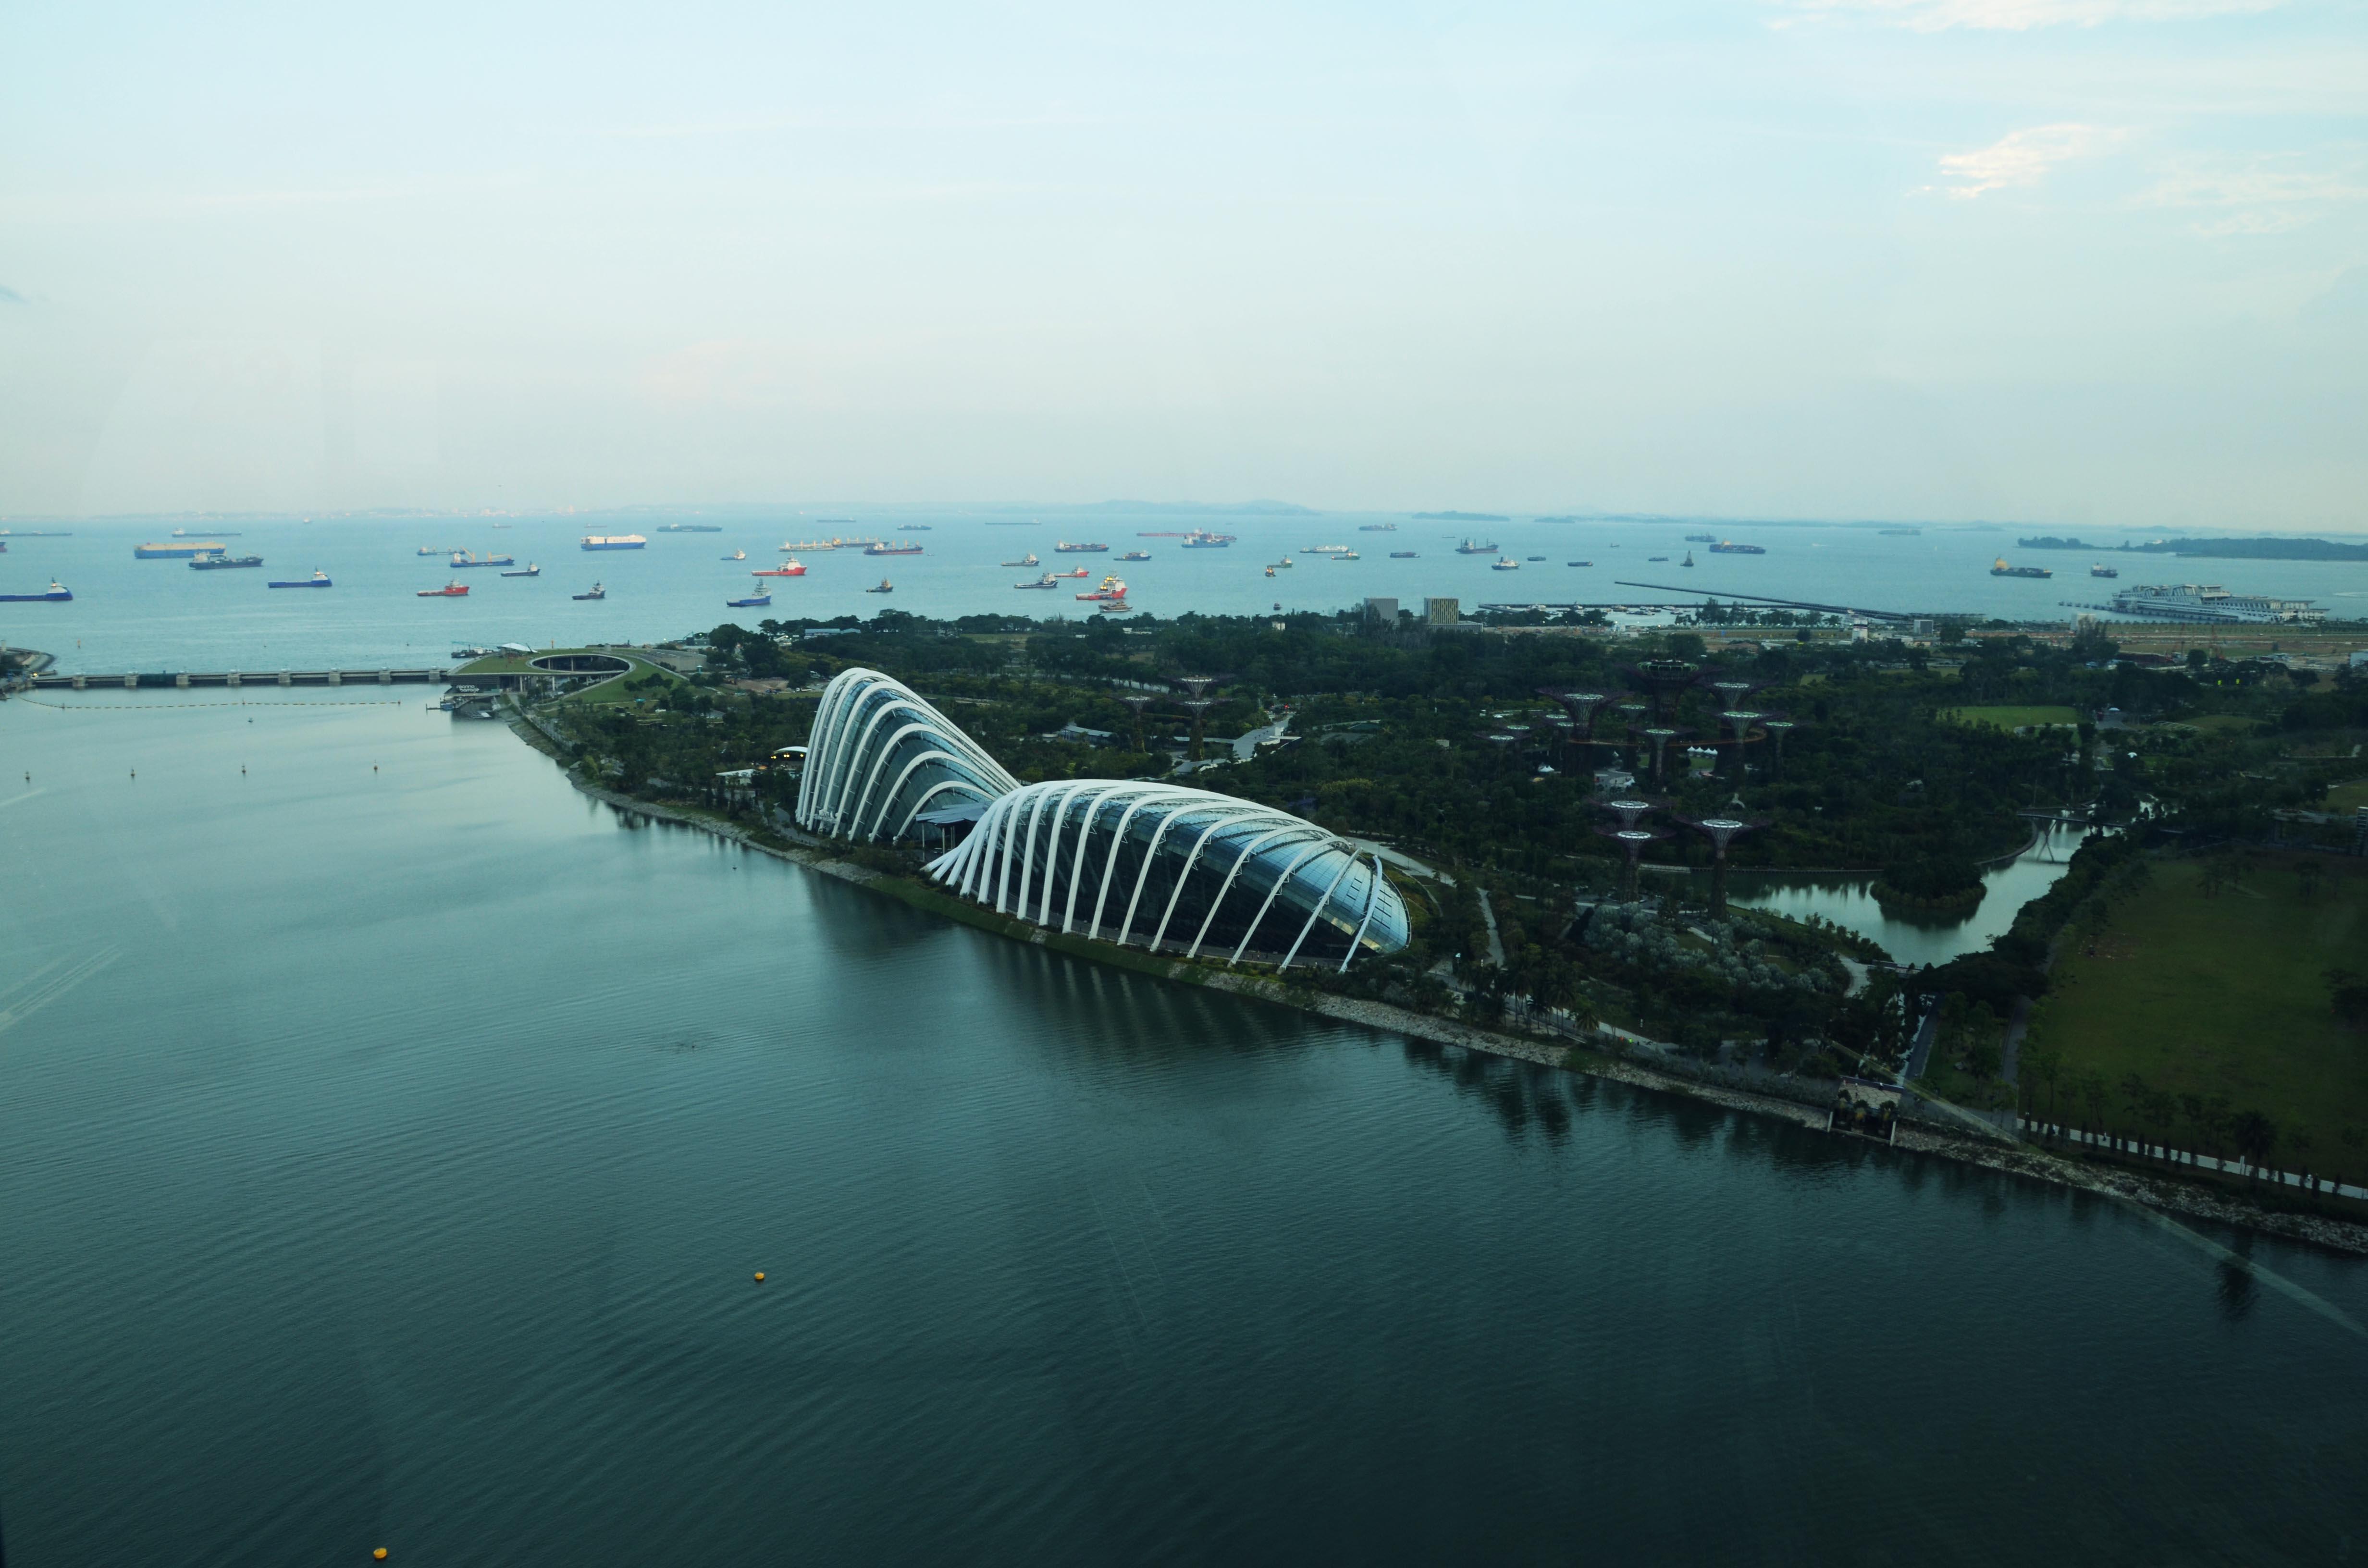 Blick auf die Gardens by the Bay vom Riesenrad Singapore Flyer aus